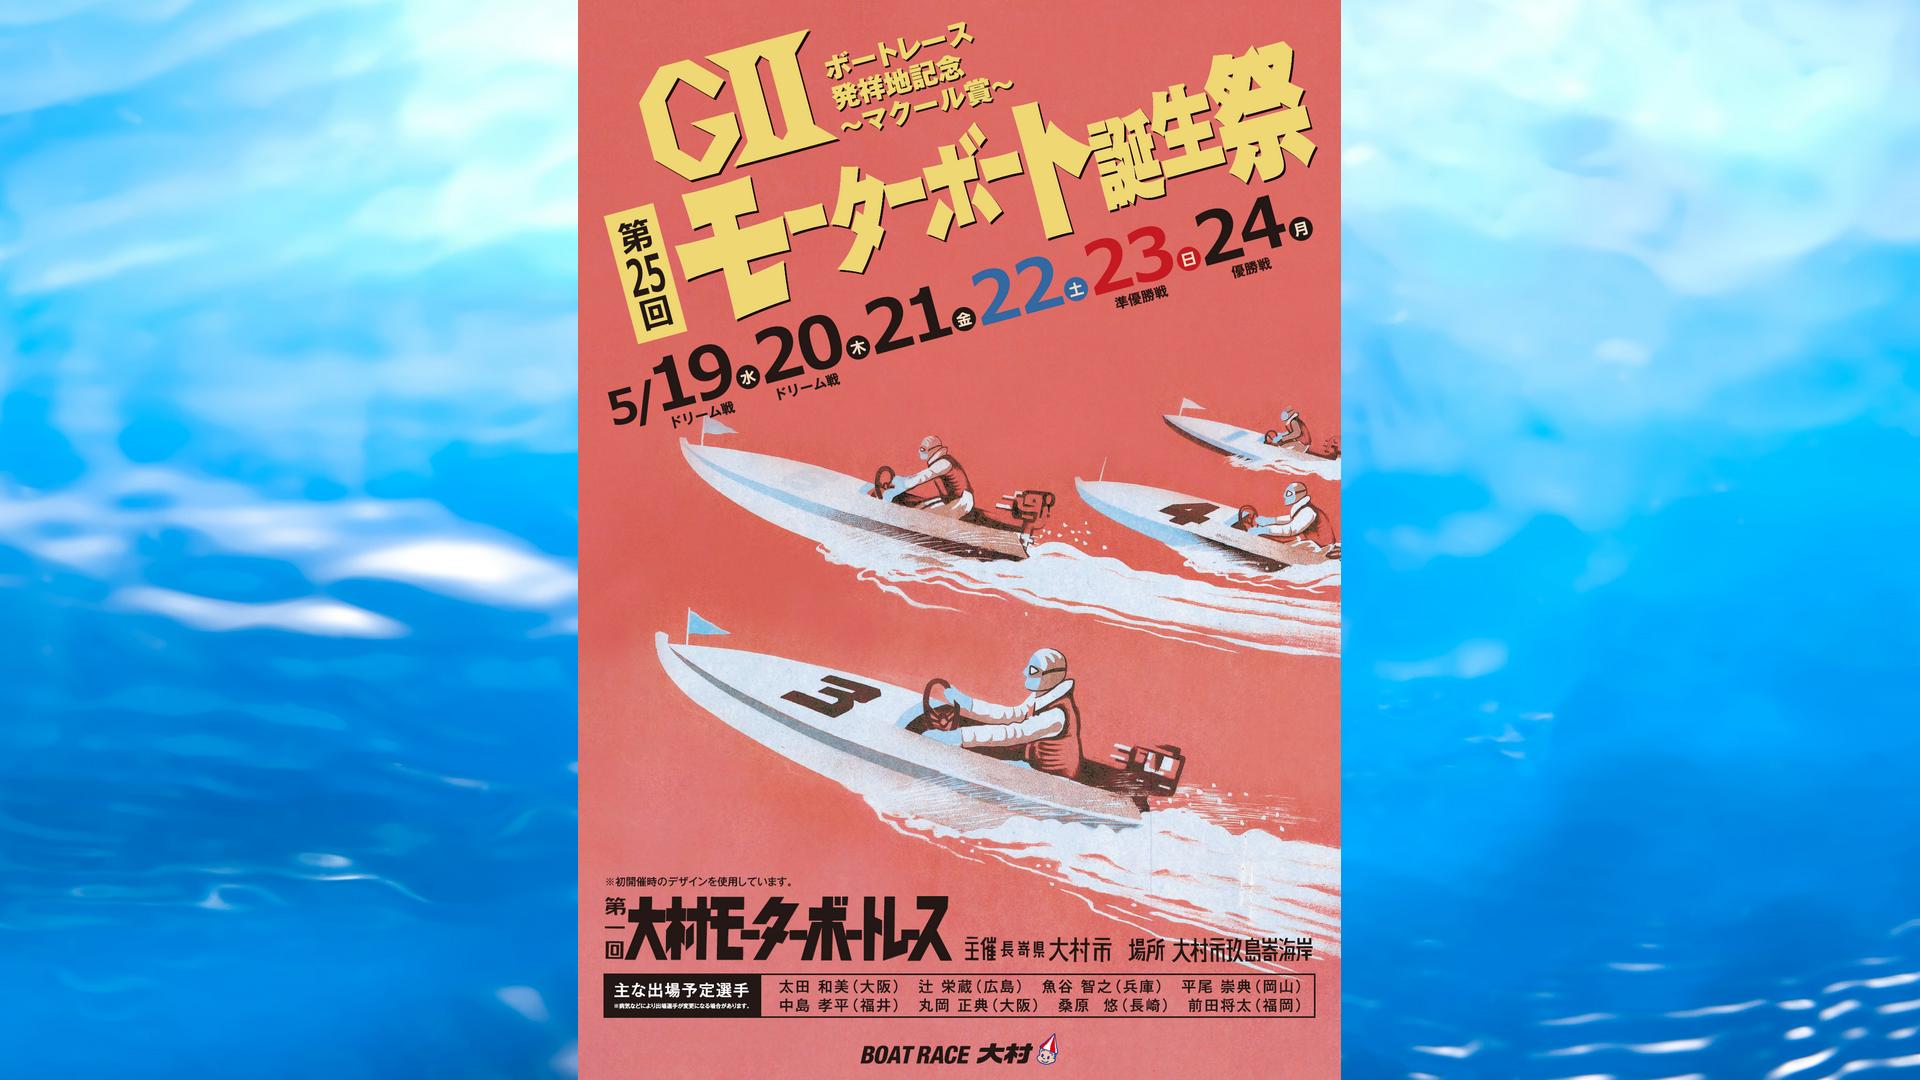 レース 開催 ボート レース日程表一覧